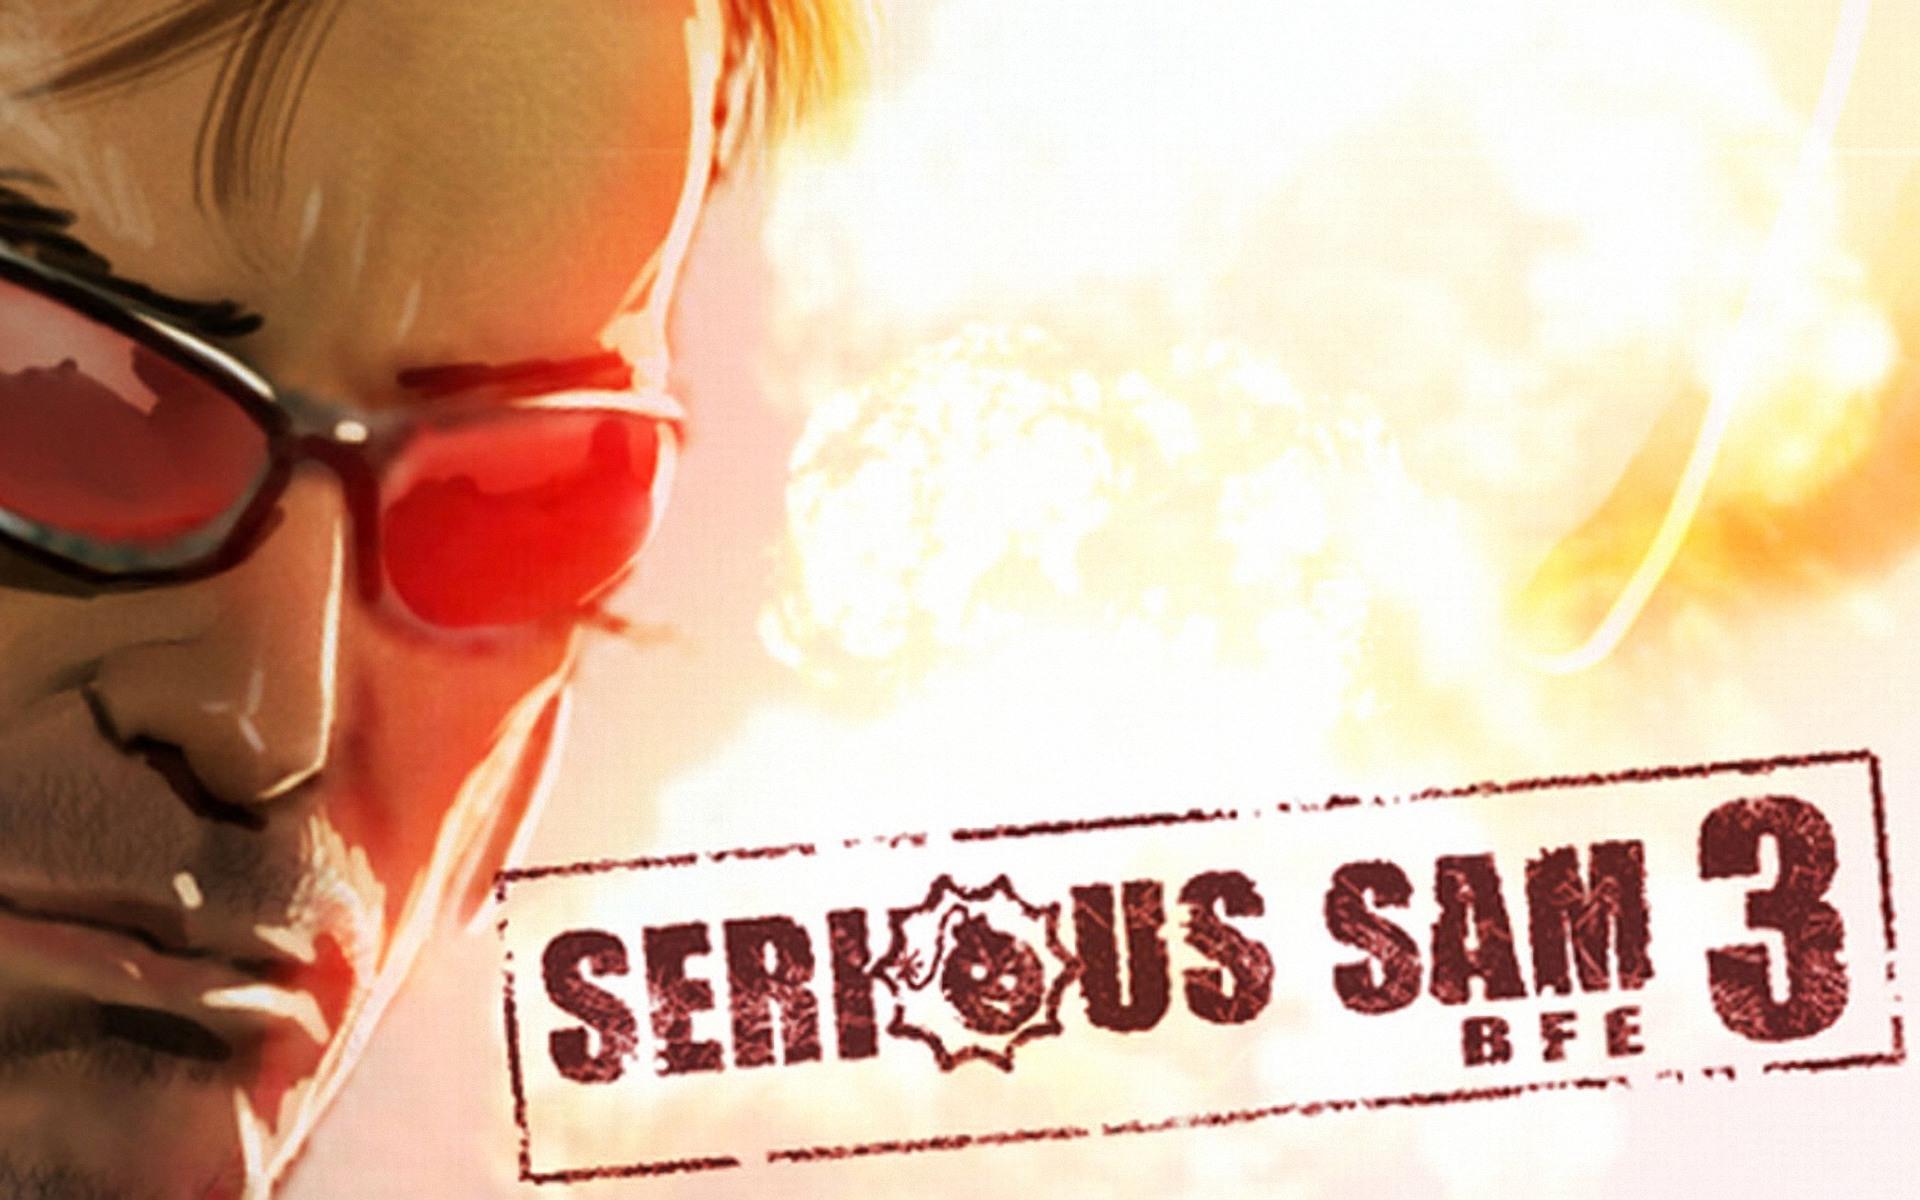 'Serious Sam 3' hitting PSN this week